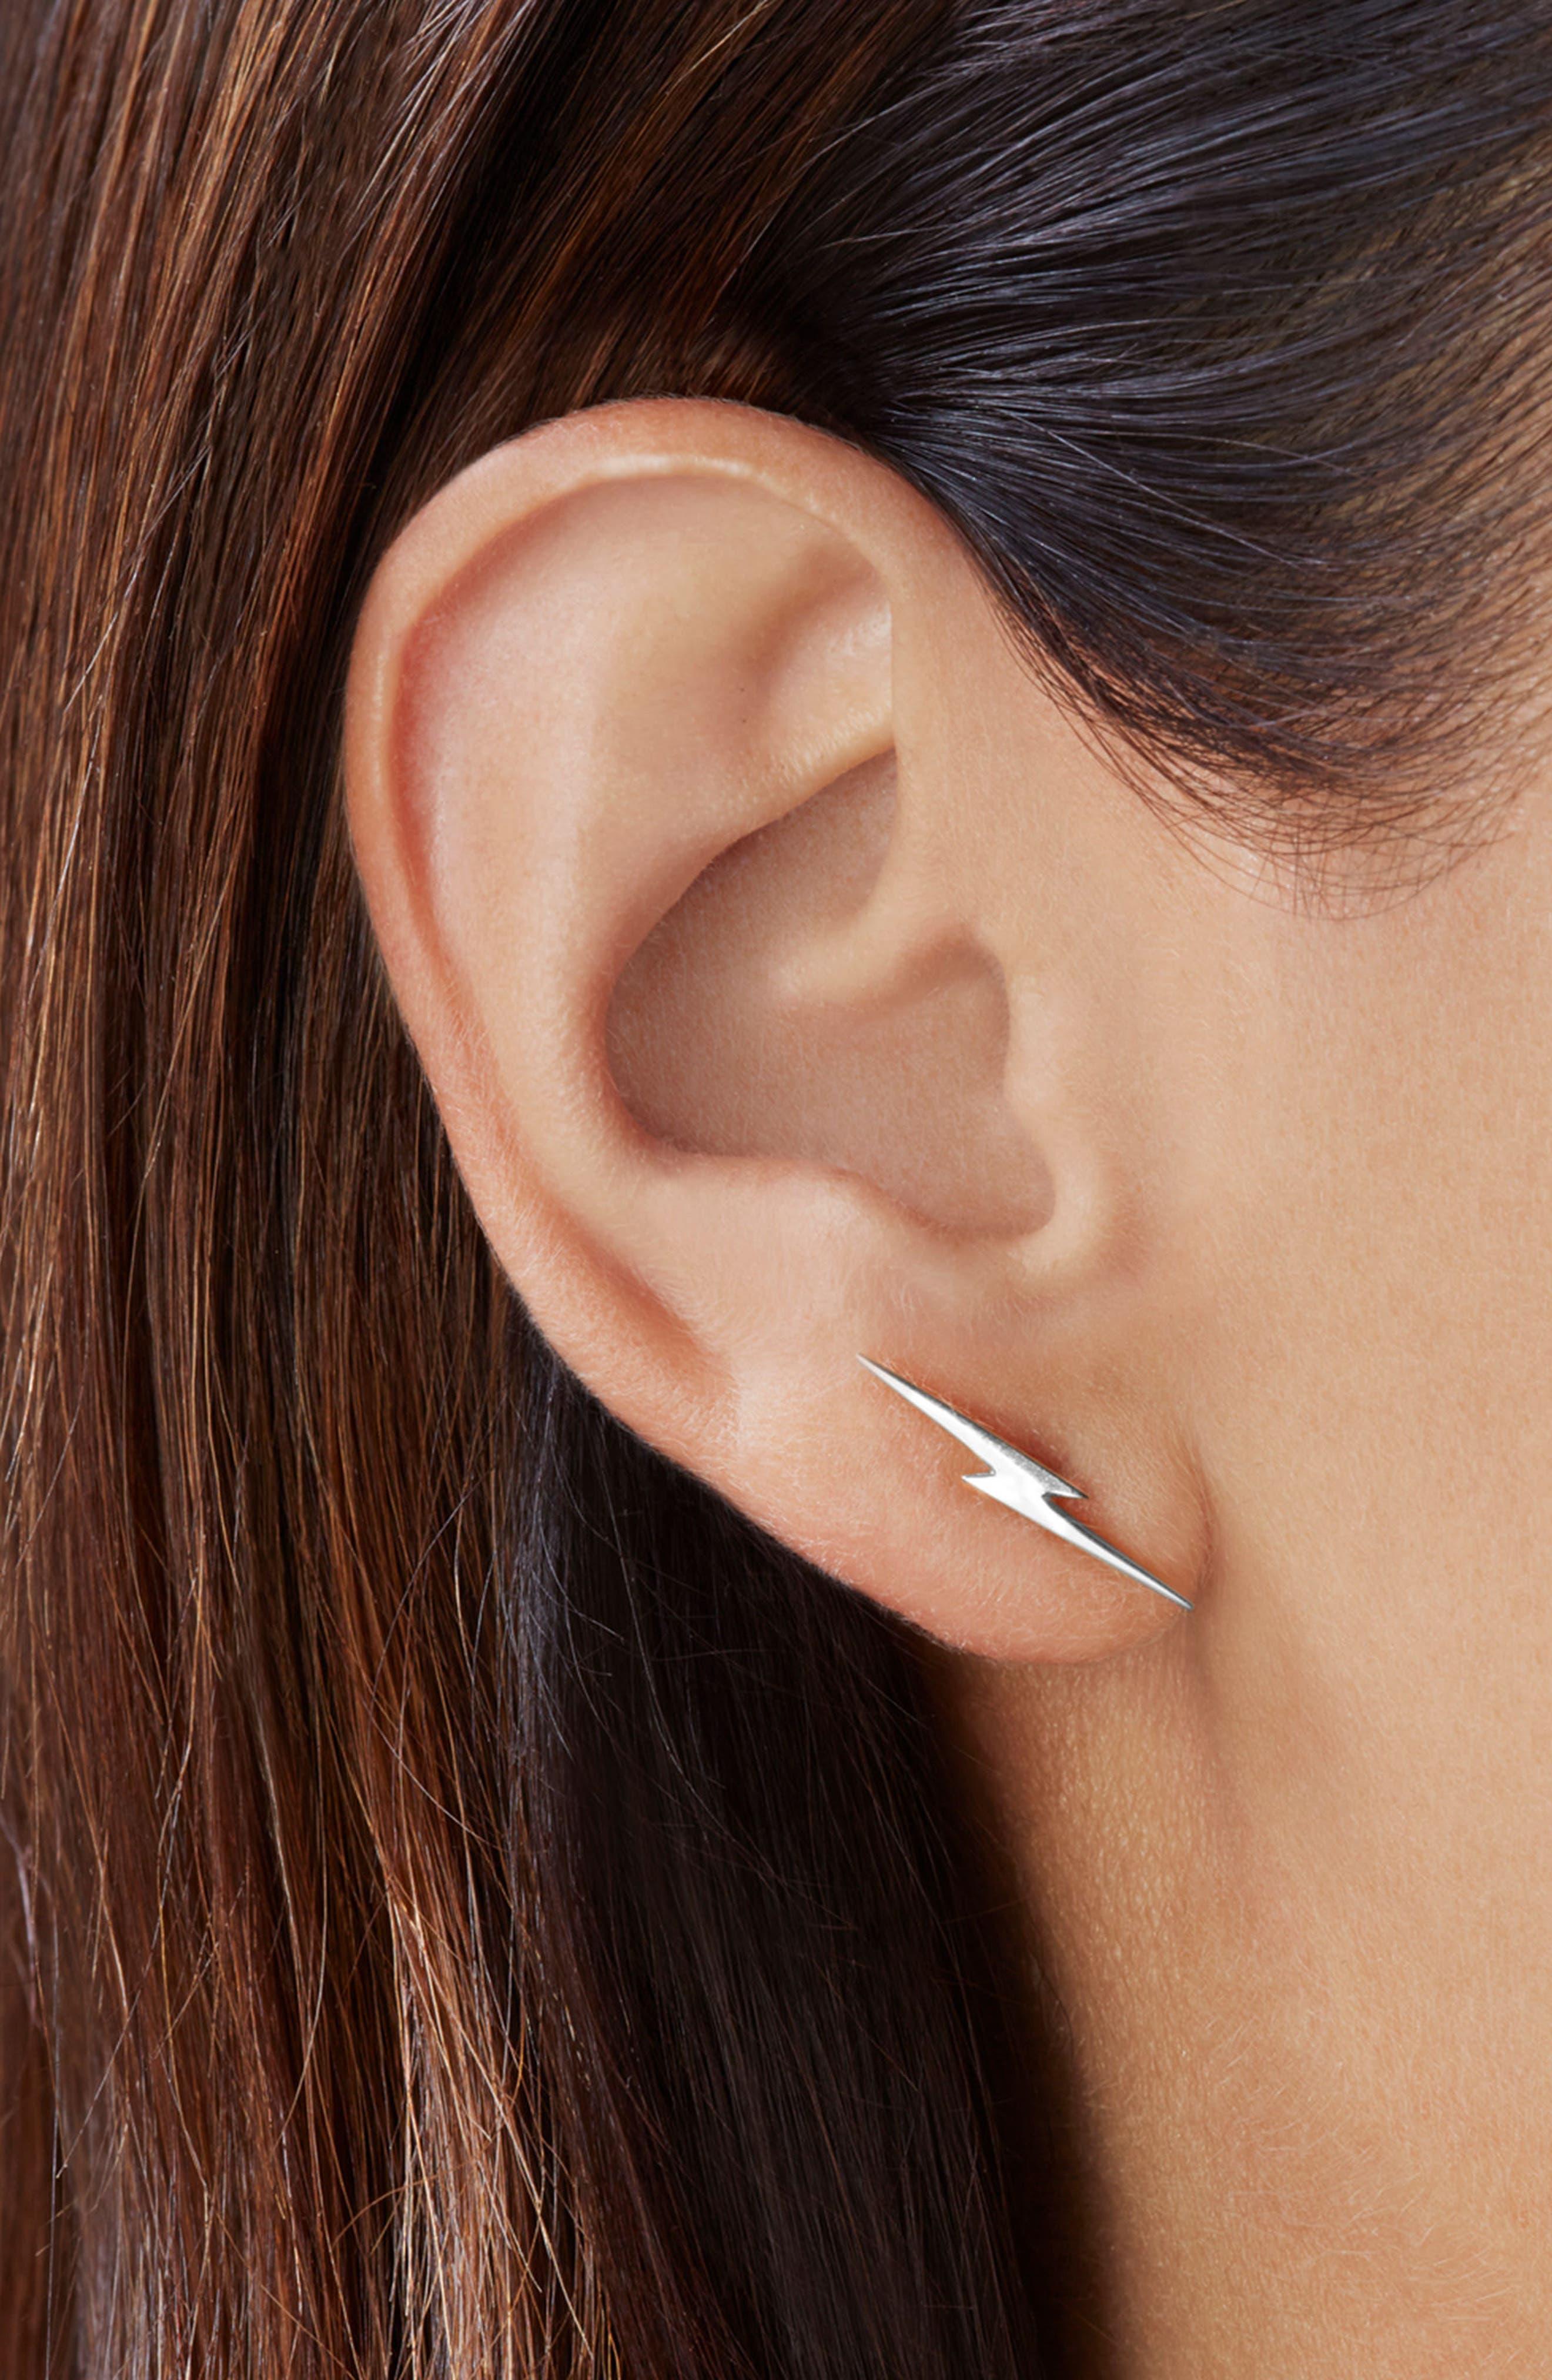 Sterling Silver Bolt Earrings,                             Alternate thumbnail 2, color,                             040